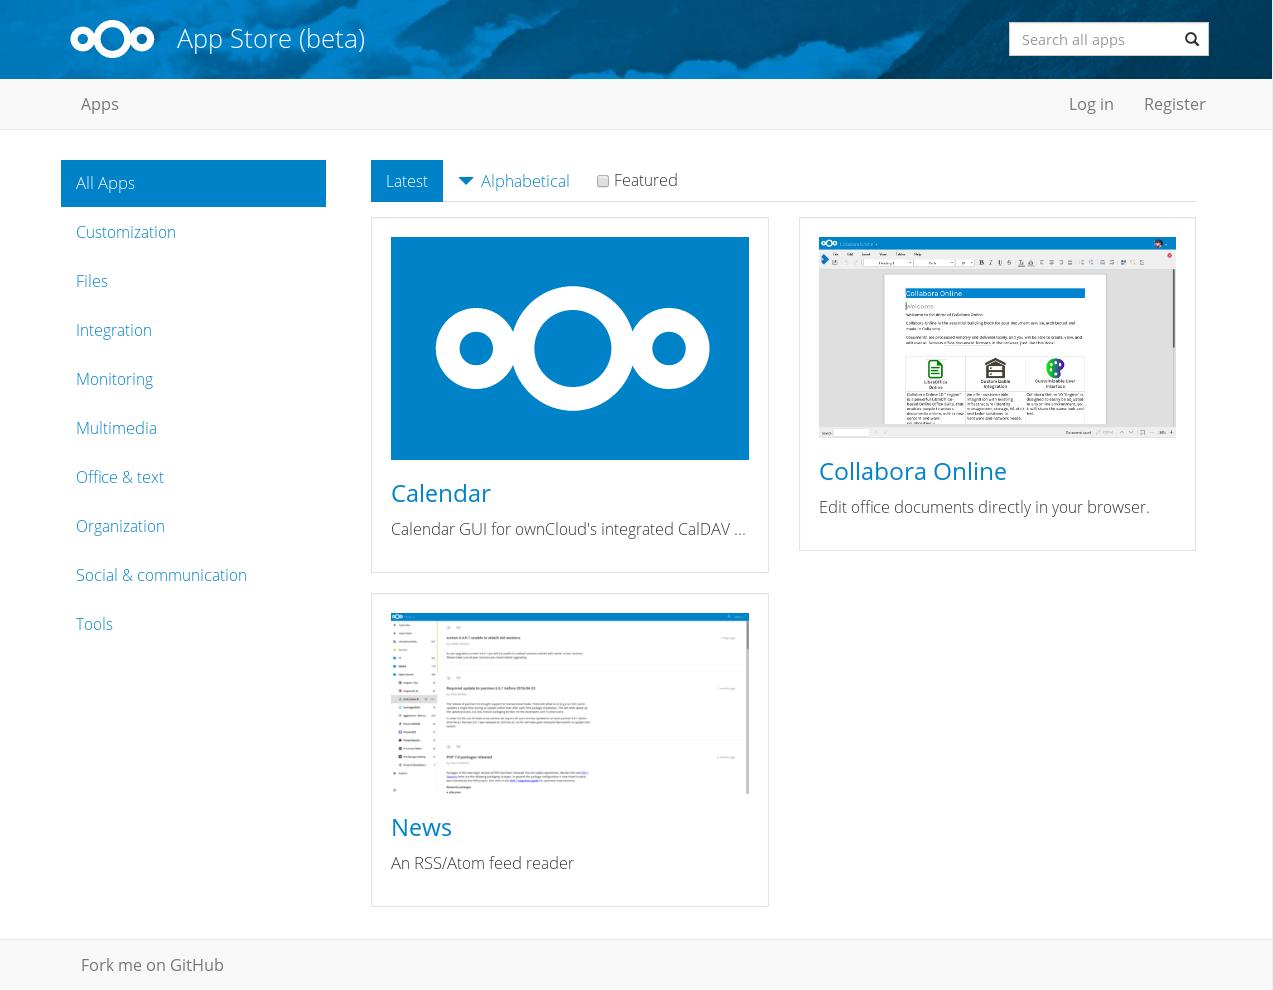 Nouveautés de l'été: Nextcloud 10, ownCloud 9.1, CEO ownCloud, magasins d'applications